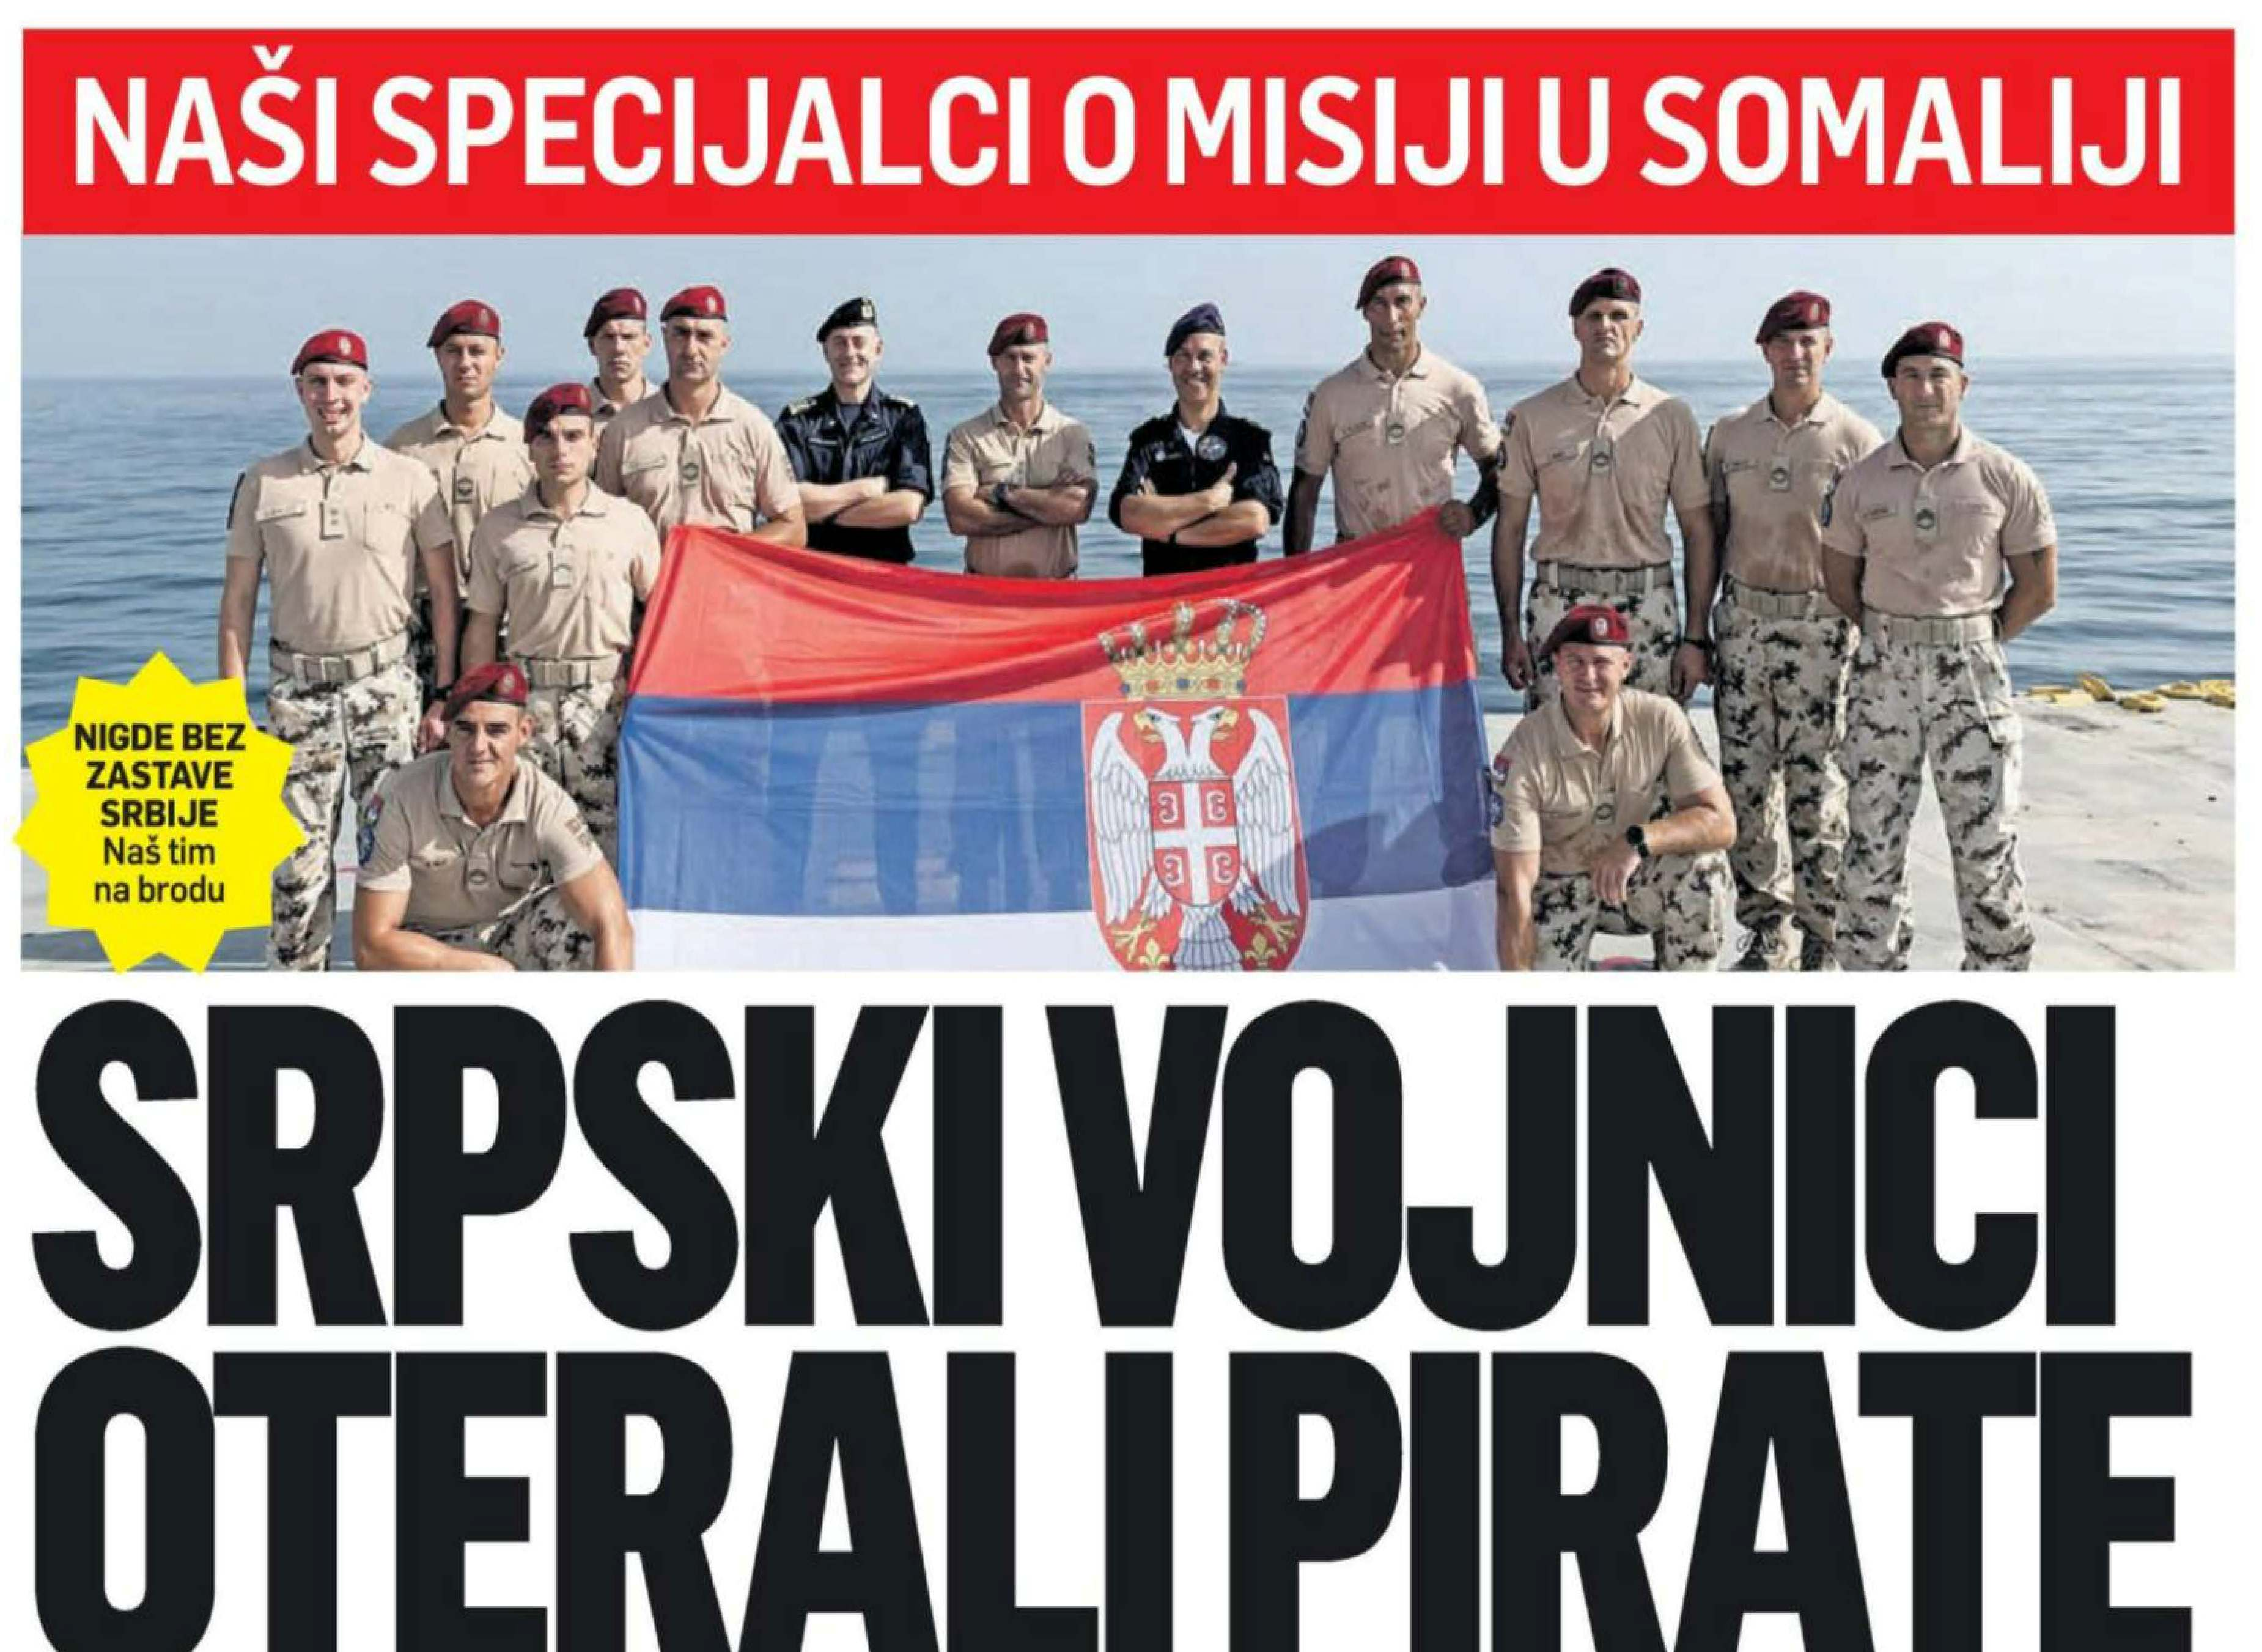 Srpski vojnici oterali pirate